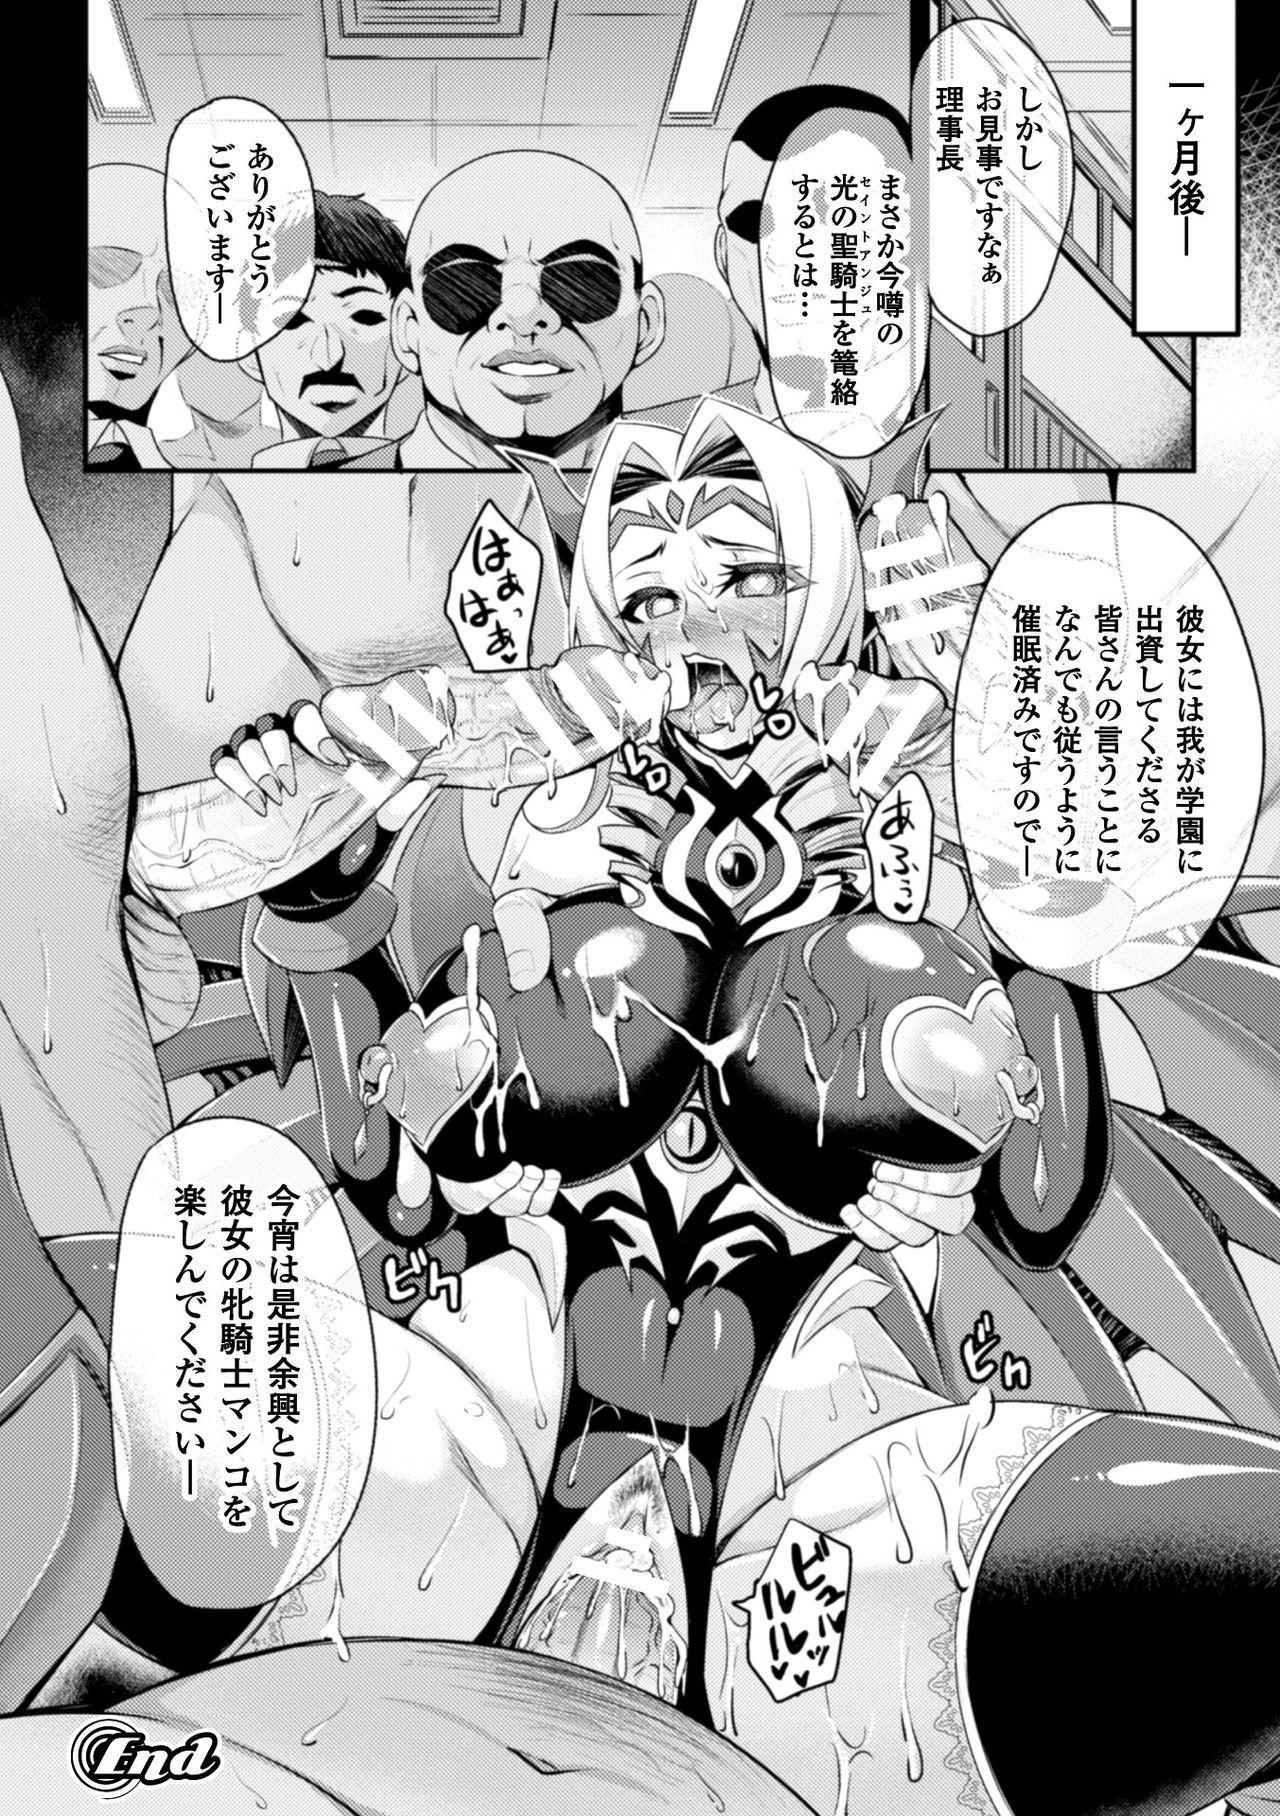 2D Comic Magazine Saimin Appli de Henshin Heroine o Yaritai Houdai! Vol. 1 61